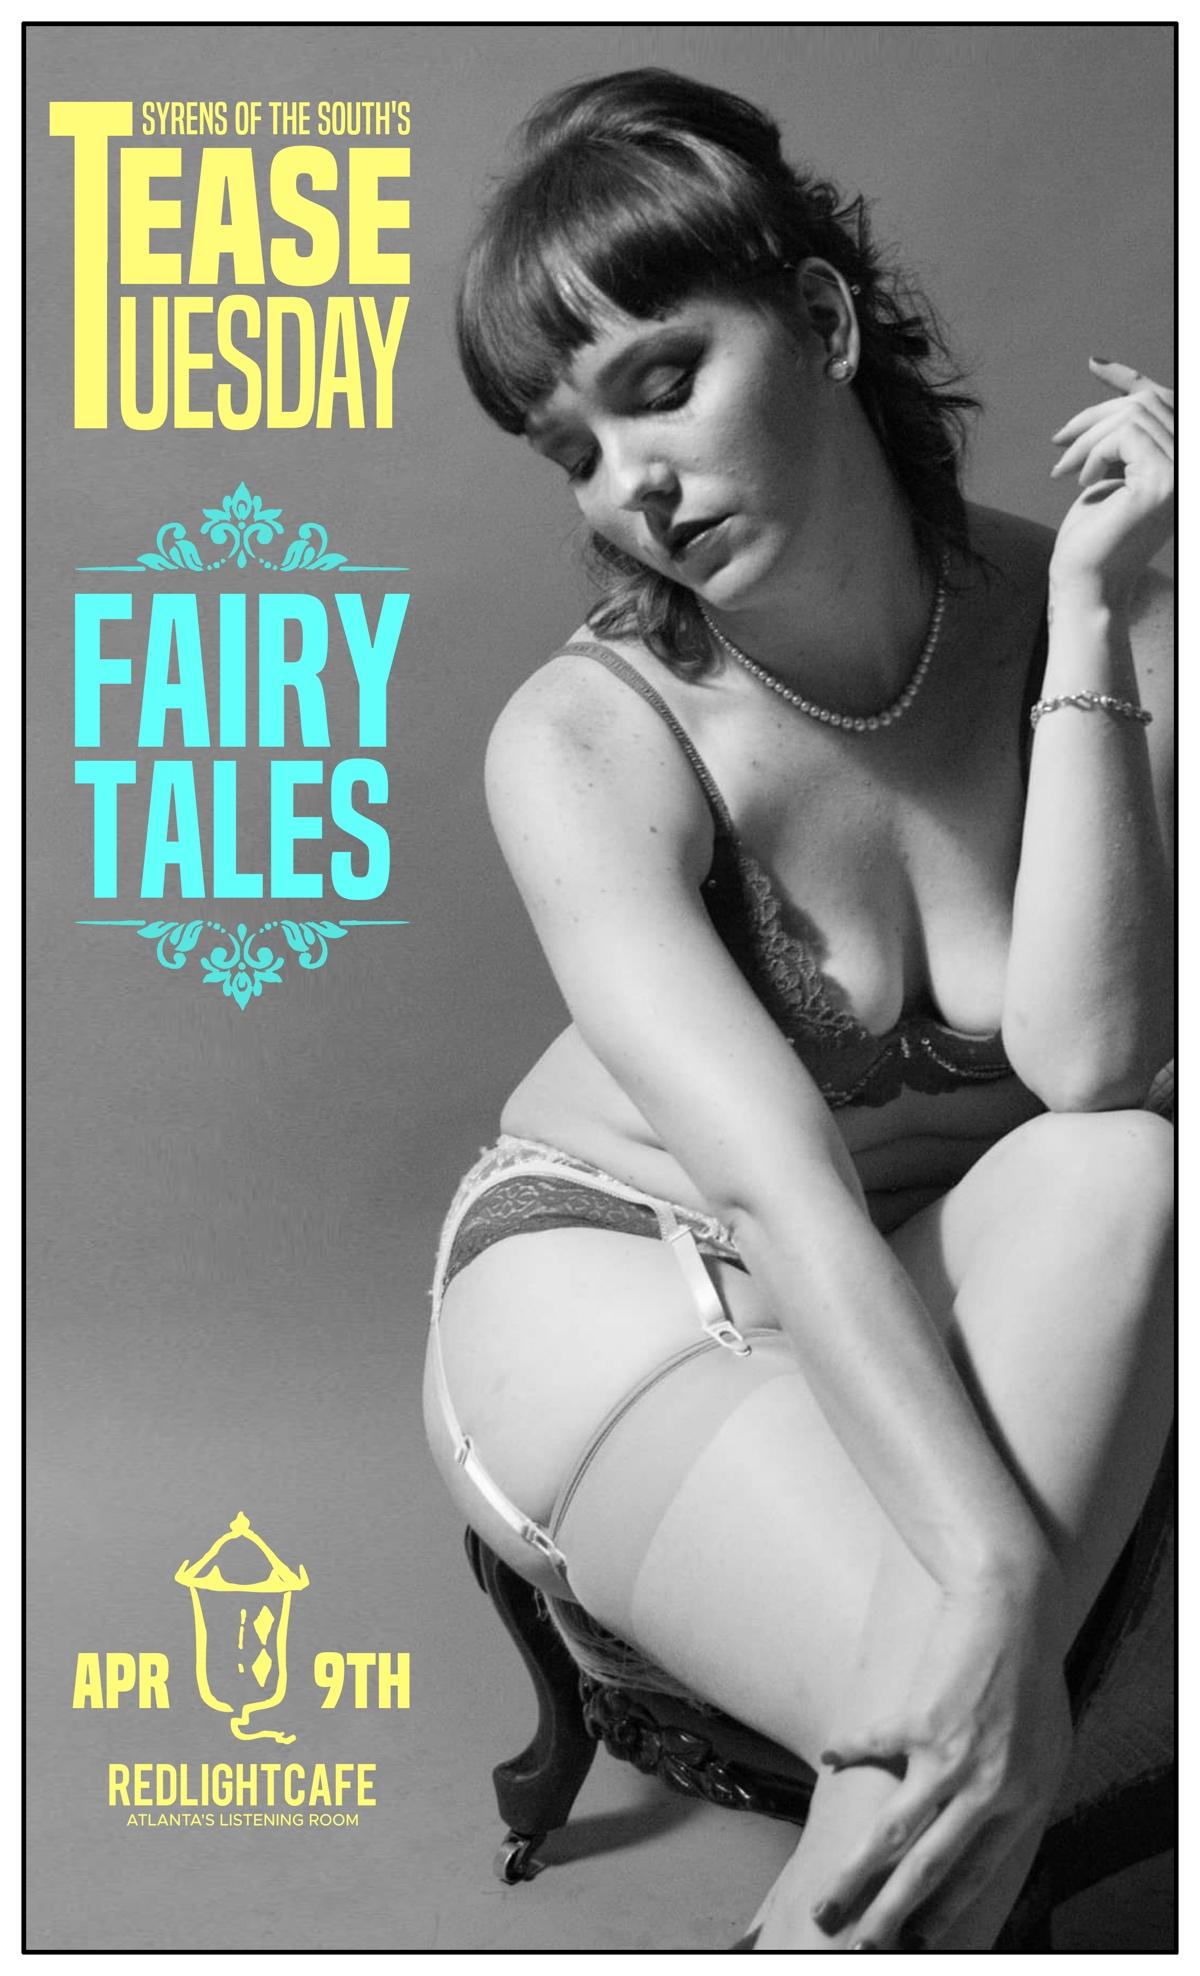 Tease Tuesday Burlesque: Fairy Tales — April 9, 2019 — Red Light Café, Atlanta, GA